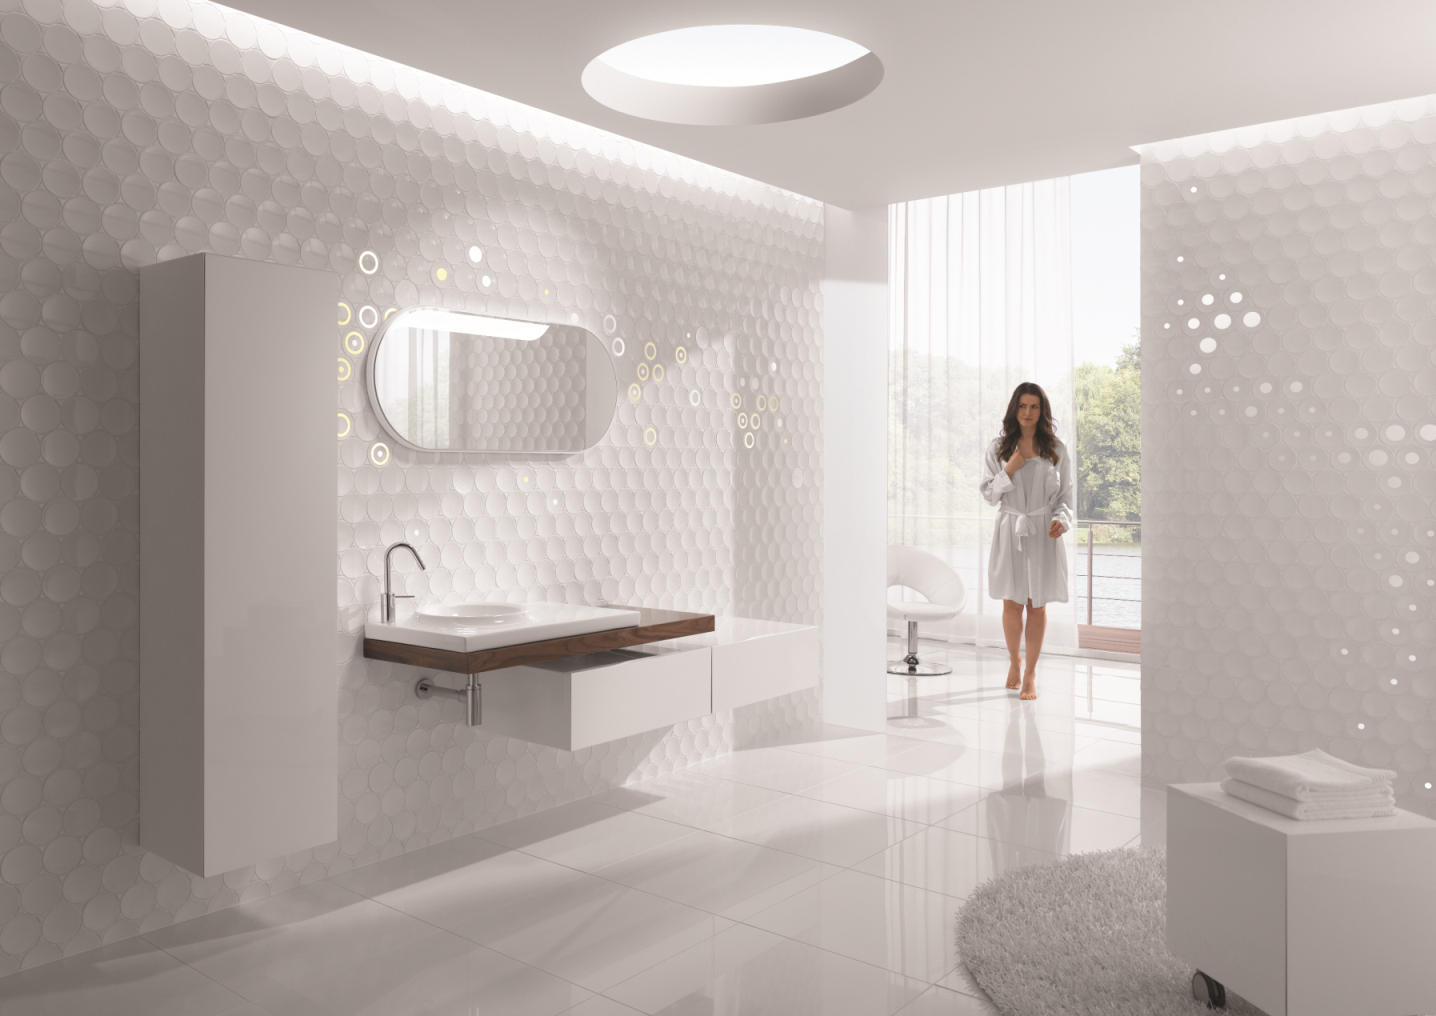 dot white ceramic tiles from kale